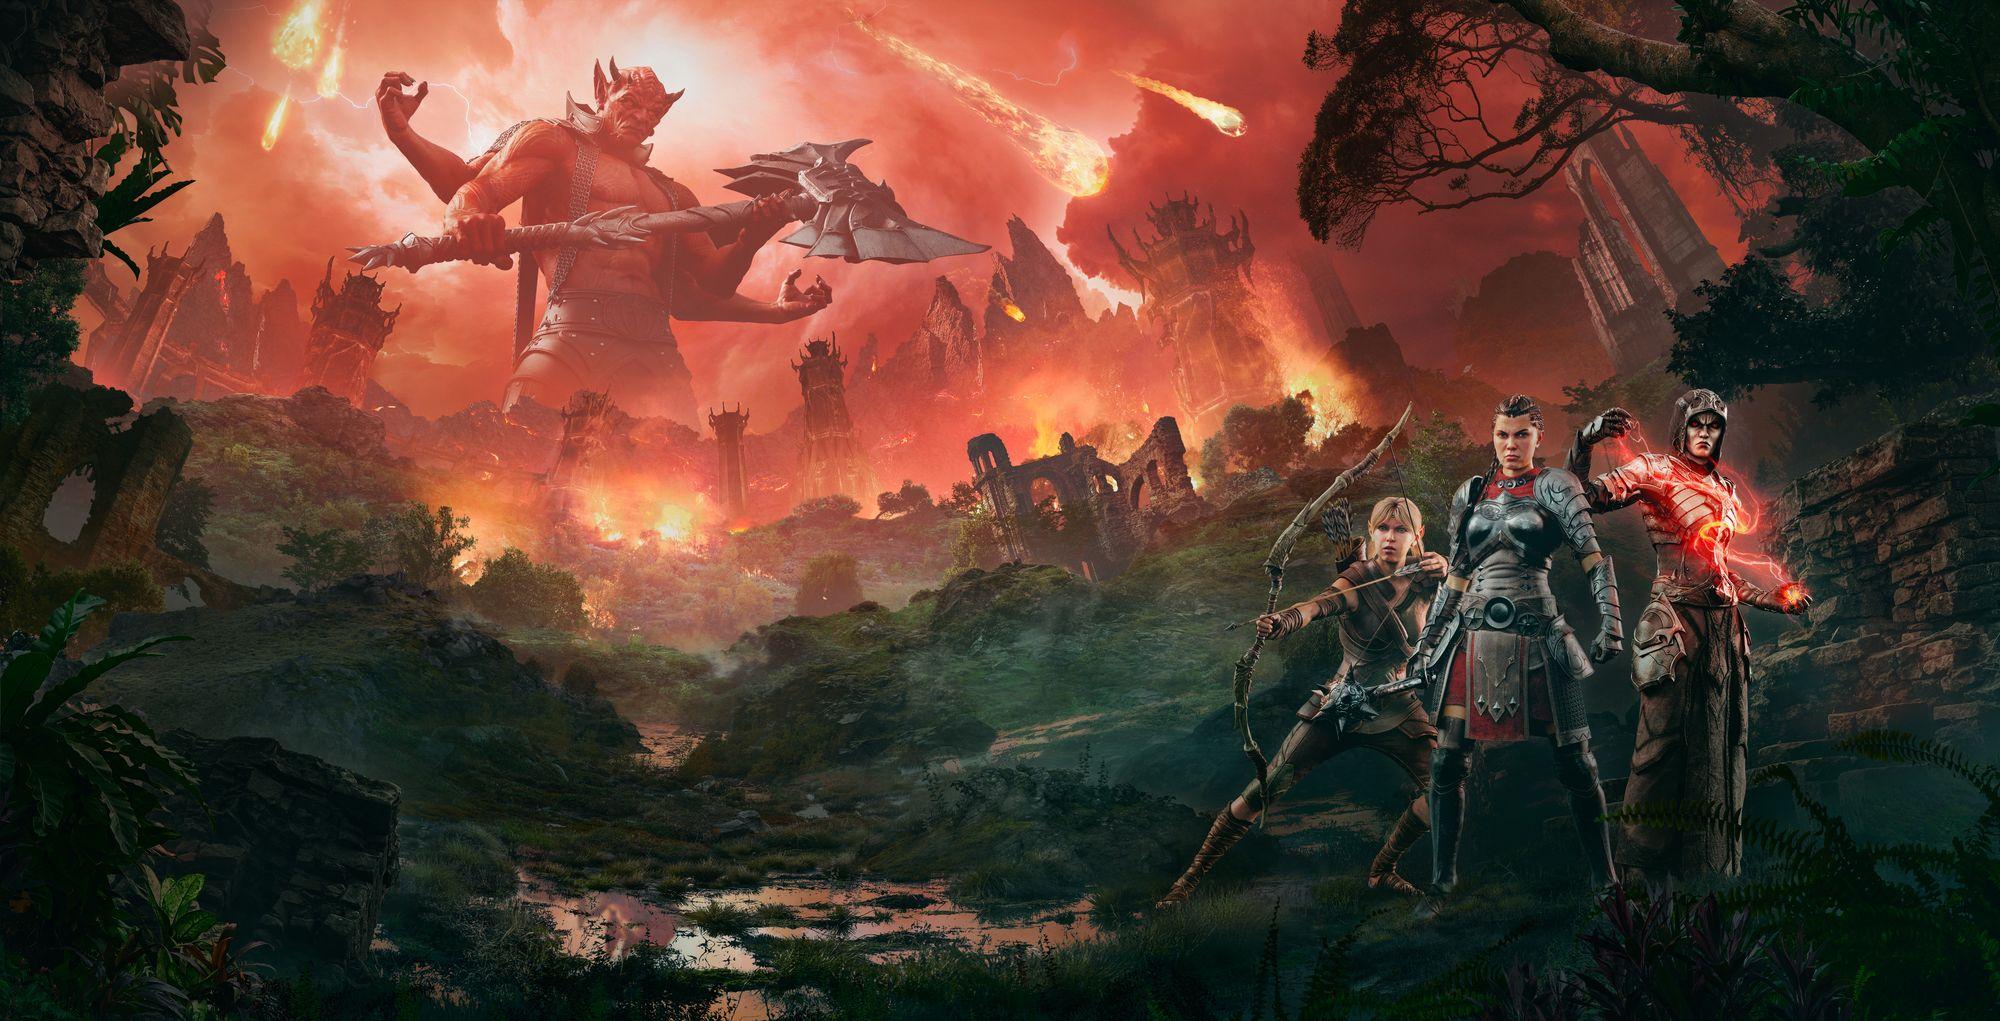 The Elder Scrolls Online : Blackwood, impressions après avoir testé l'extension. A-t-il du potentiel ?